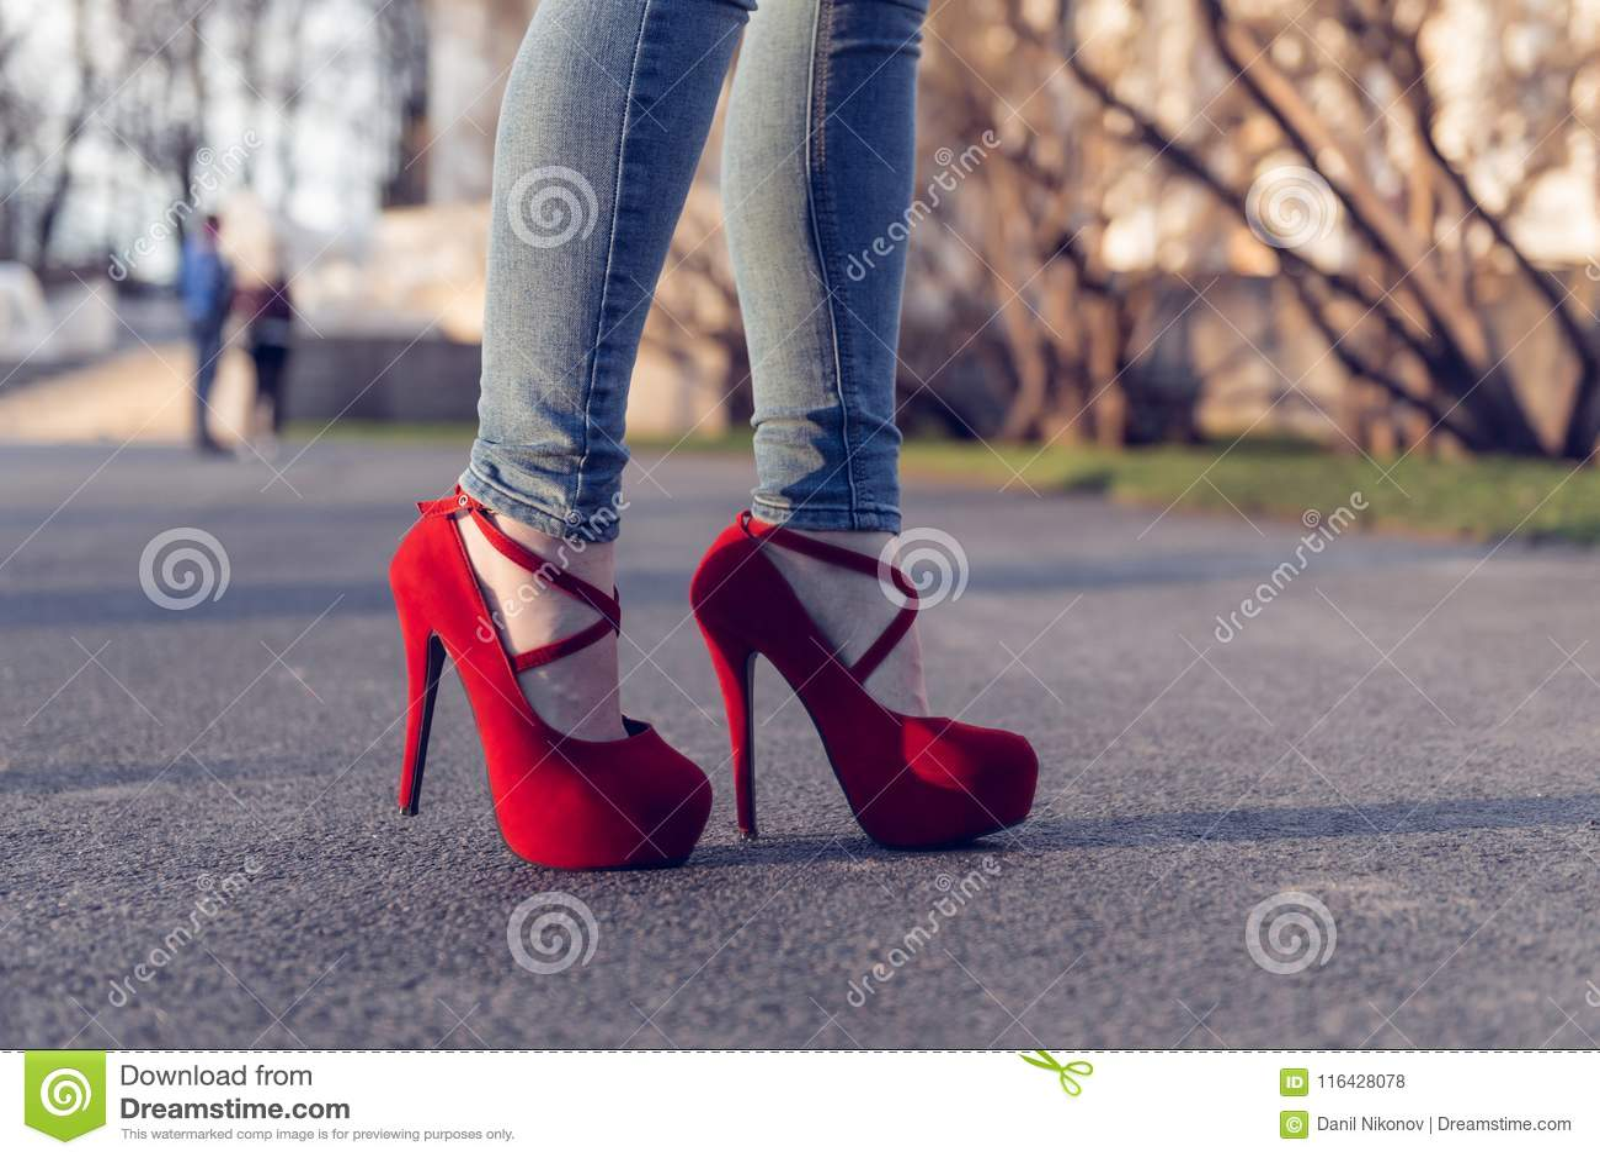 separation shoes bd3fc 6cfca Blue Jeans D'uso Della Donna E Scarpe Rosse Del Tacco Alto I ...